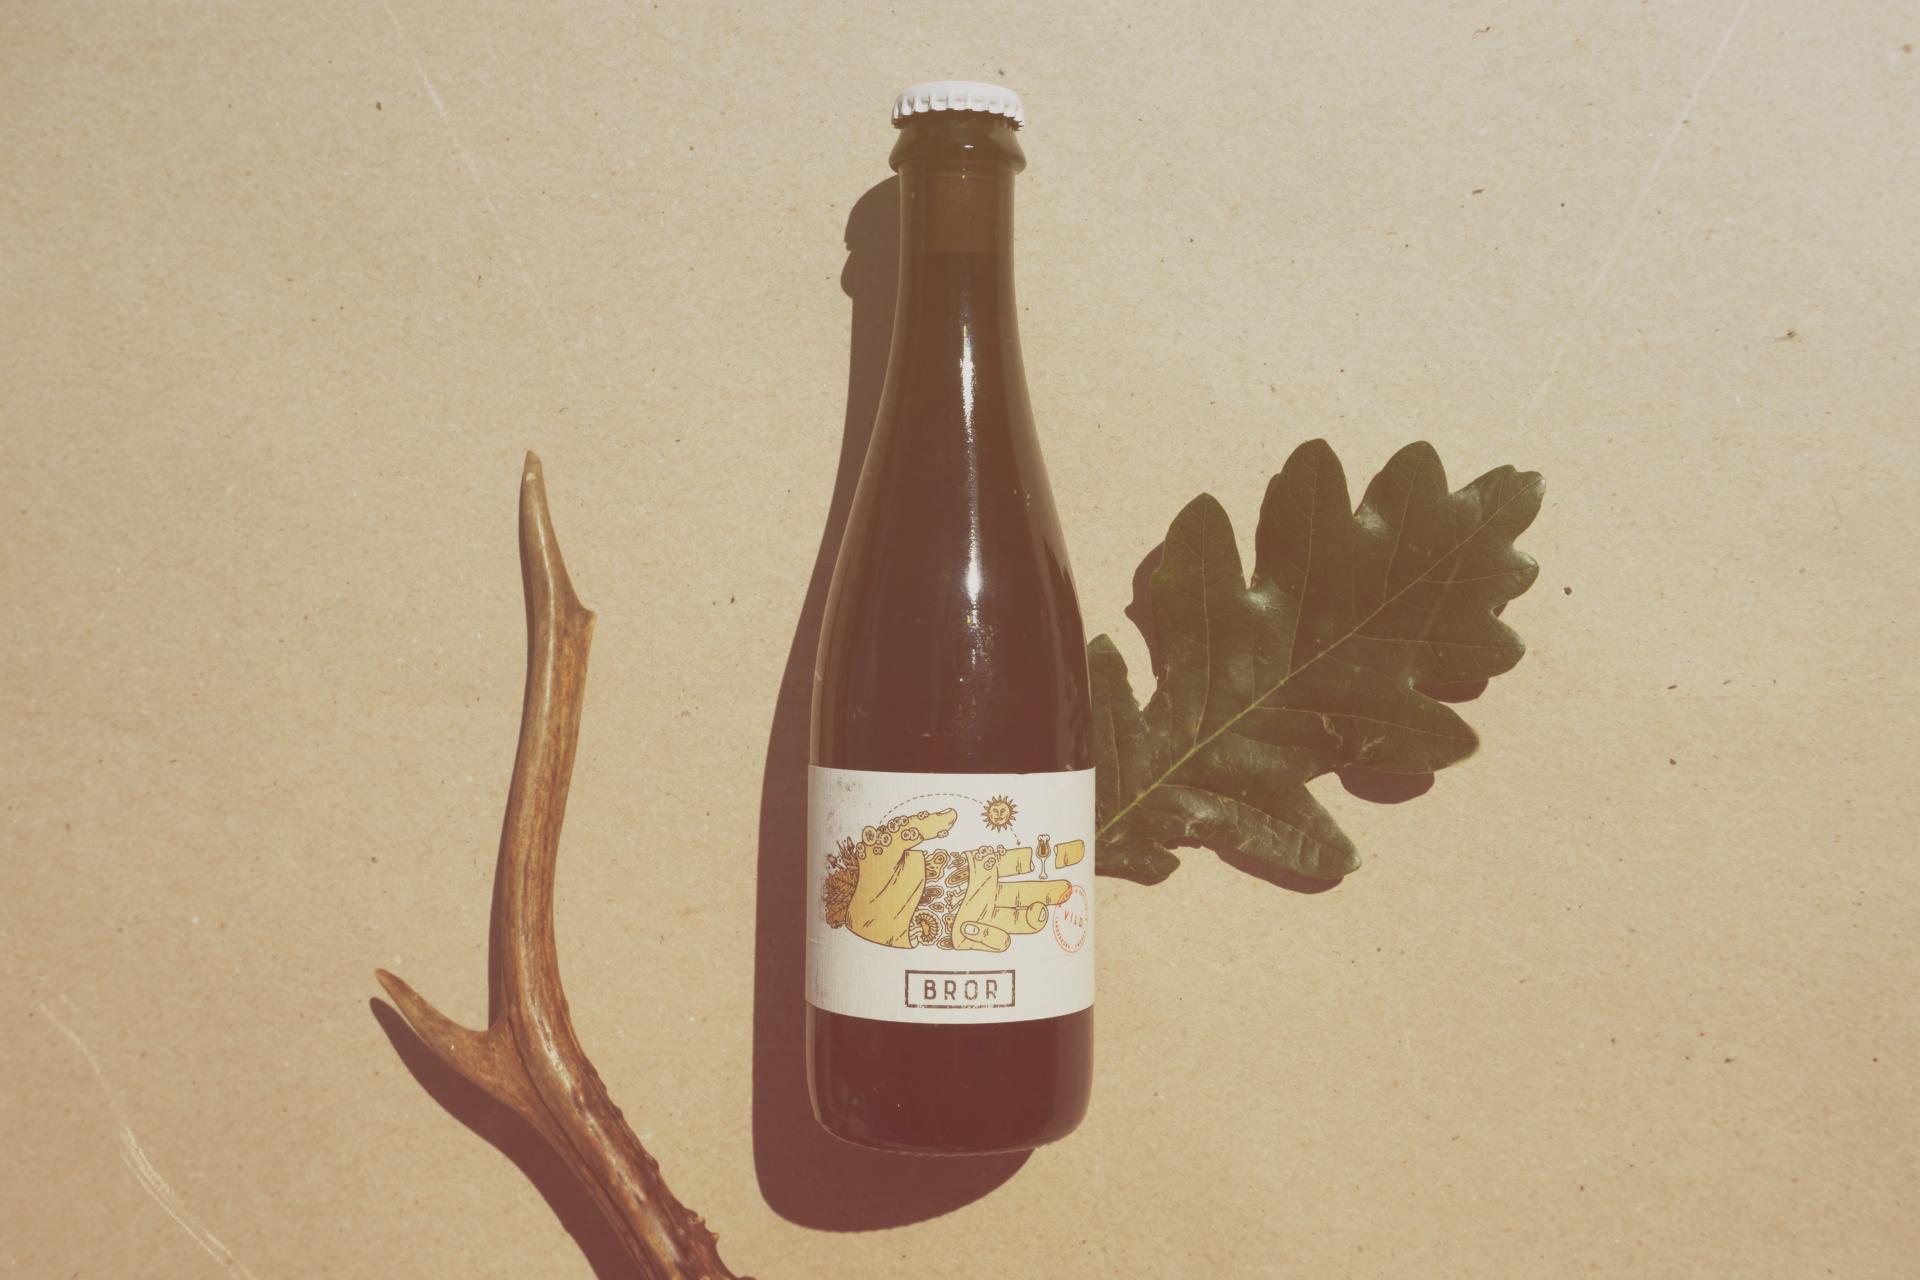 VILD_Bottles1